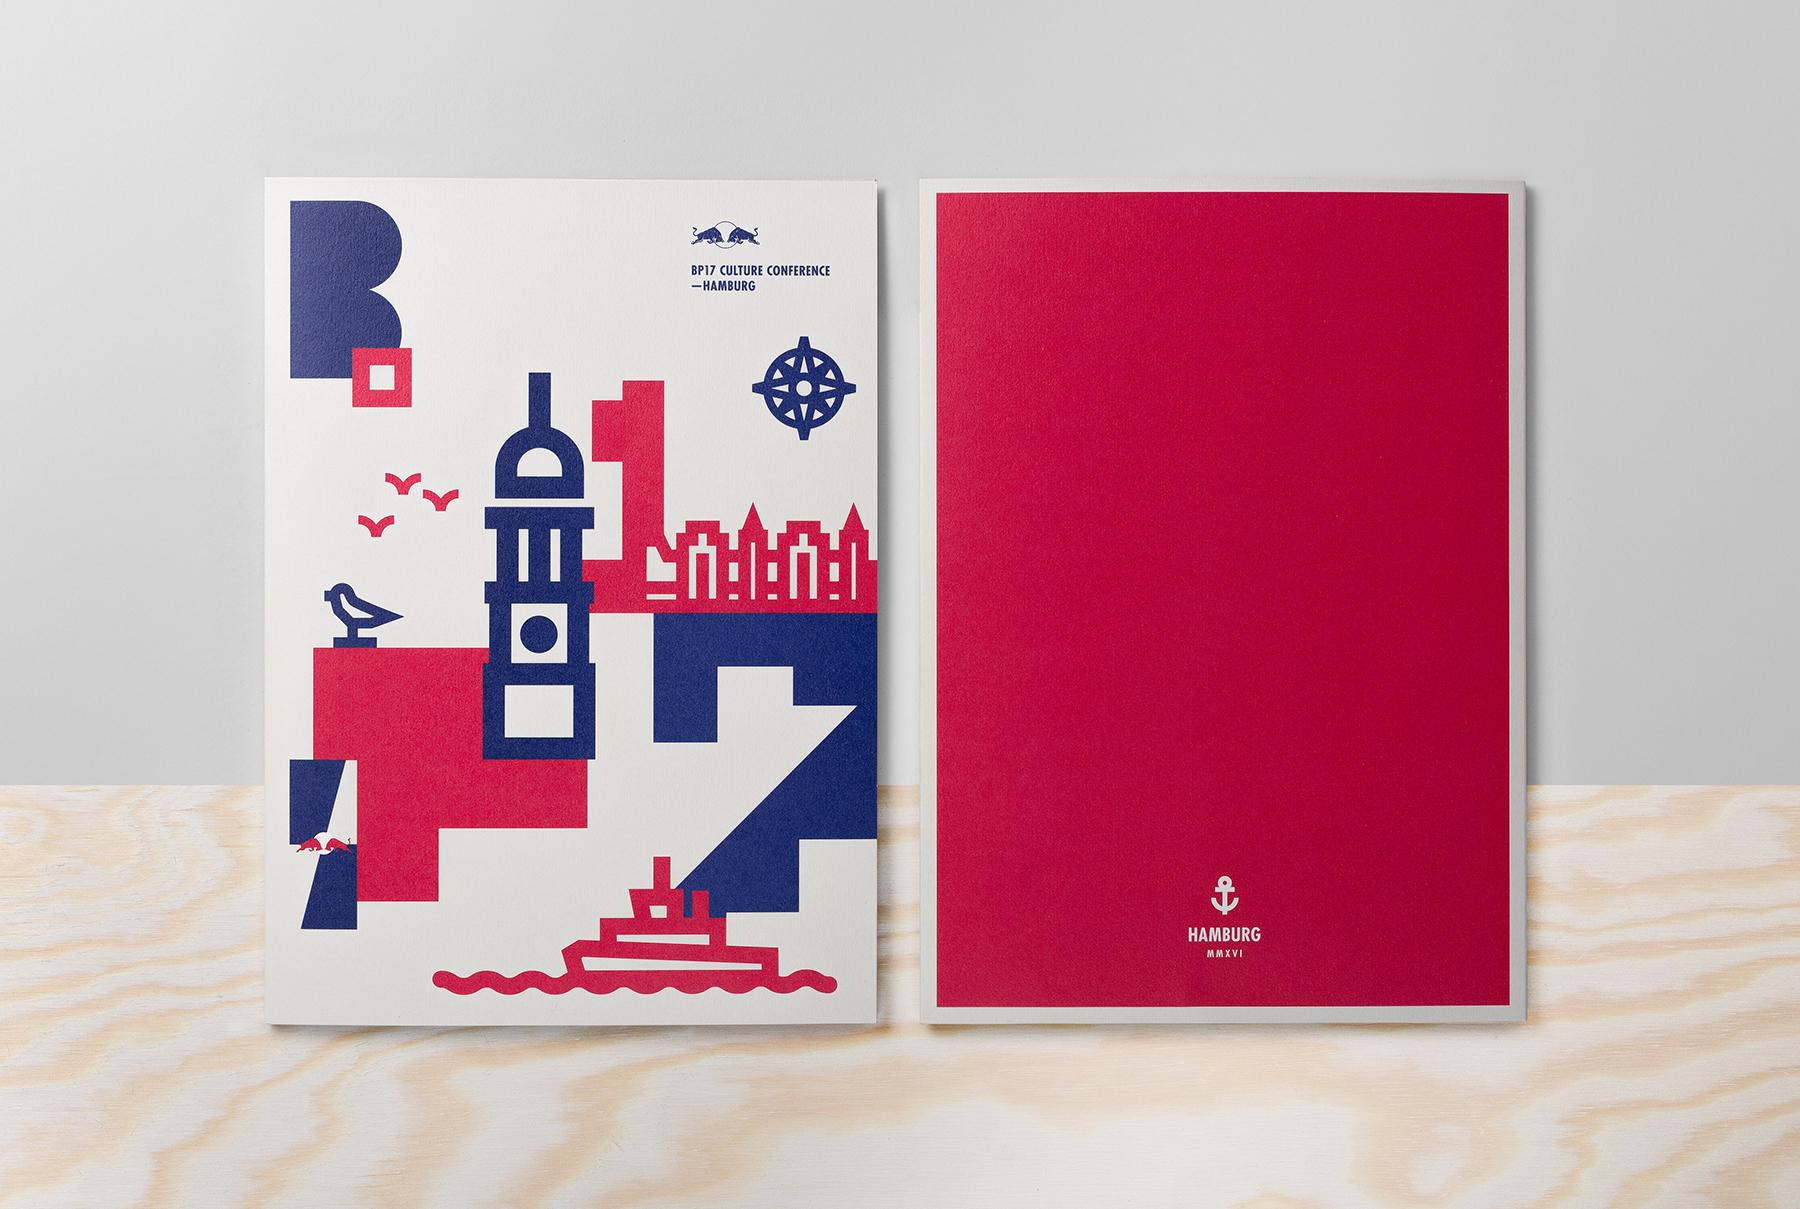 vsm-studio-redbull-bp17-corporate-design-l-1800x1209_01